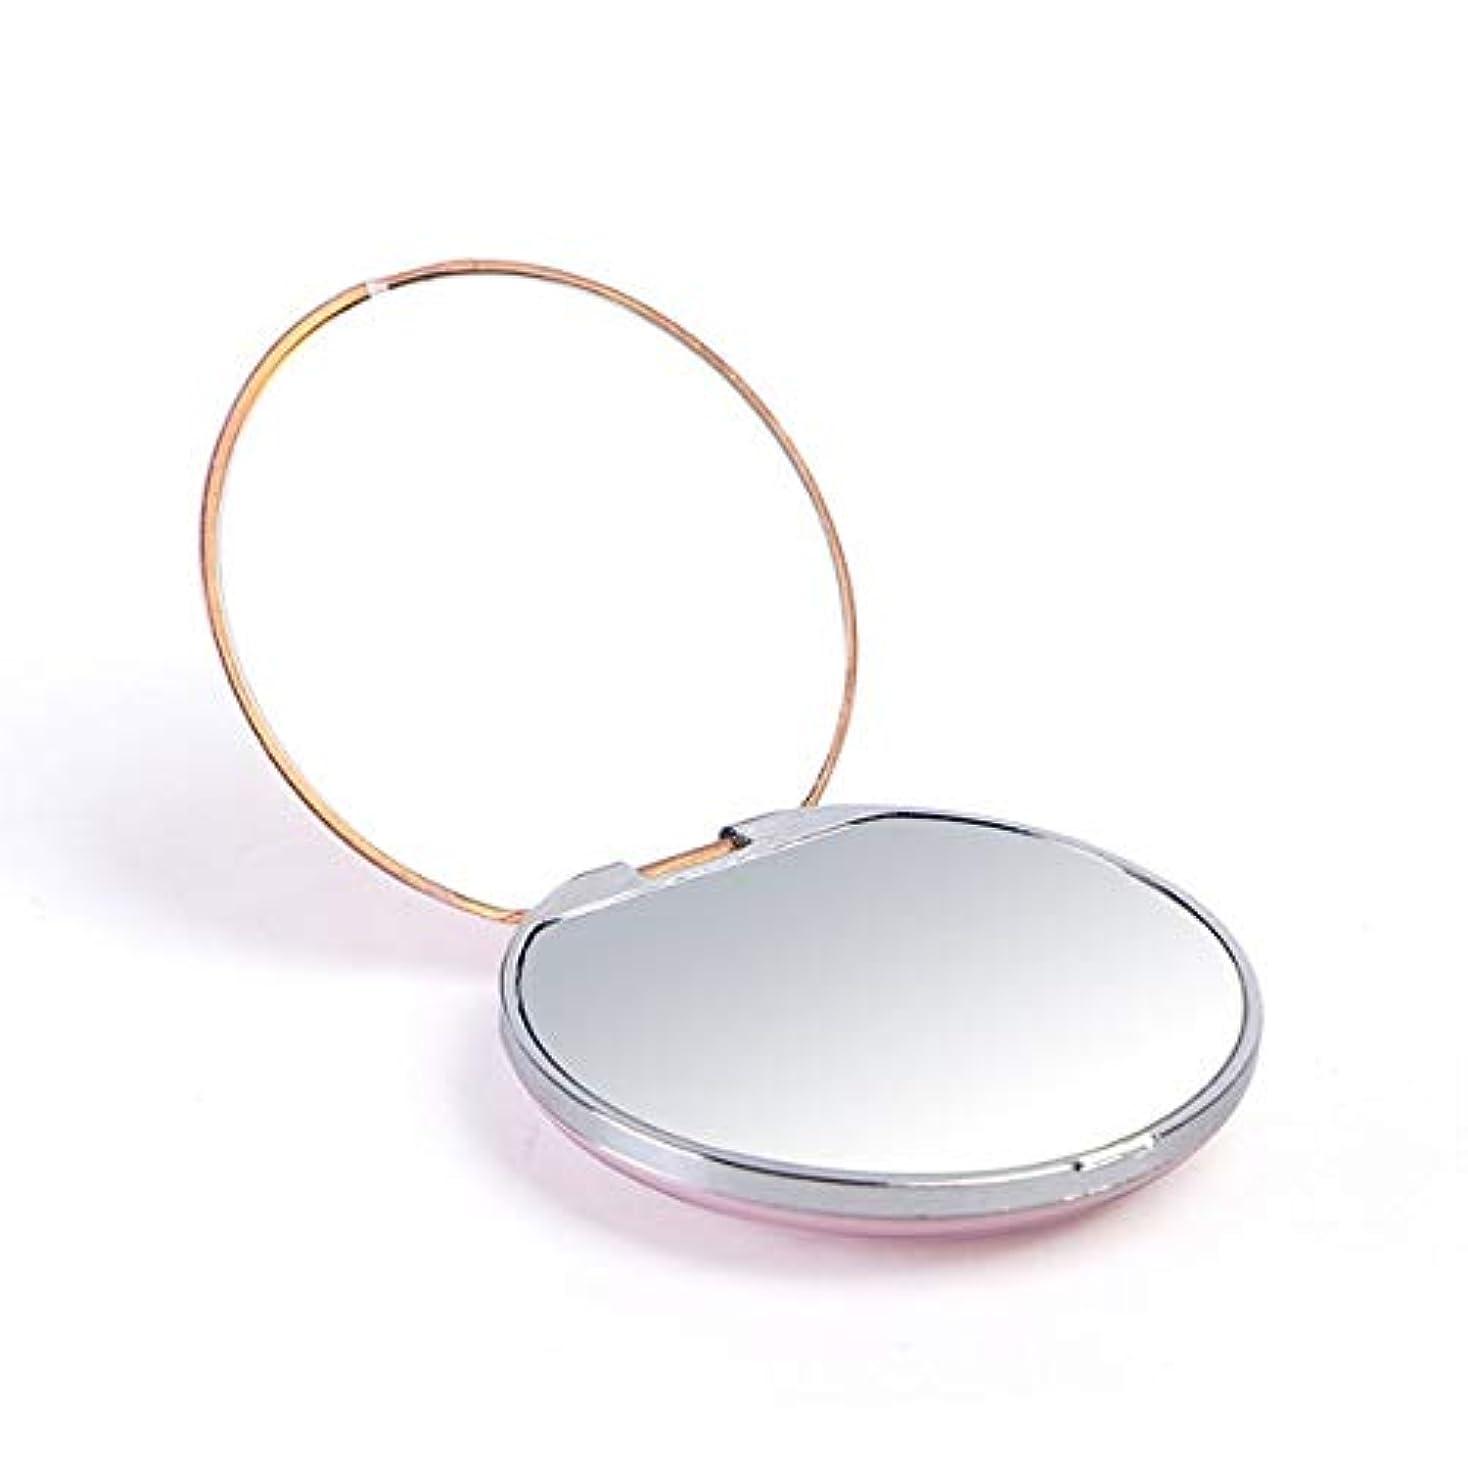 フライカイト肺炎より良い化粧鏡、亜鉛合金テクスチャアップグレード化粧鏡化粧鏡化粧ギフト